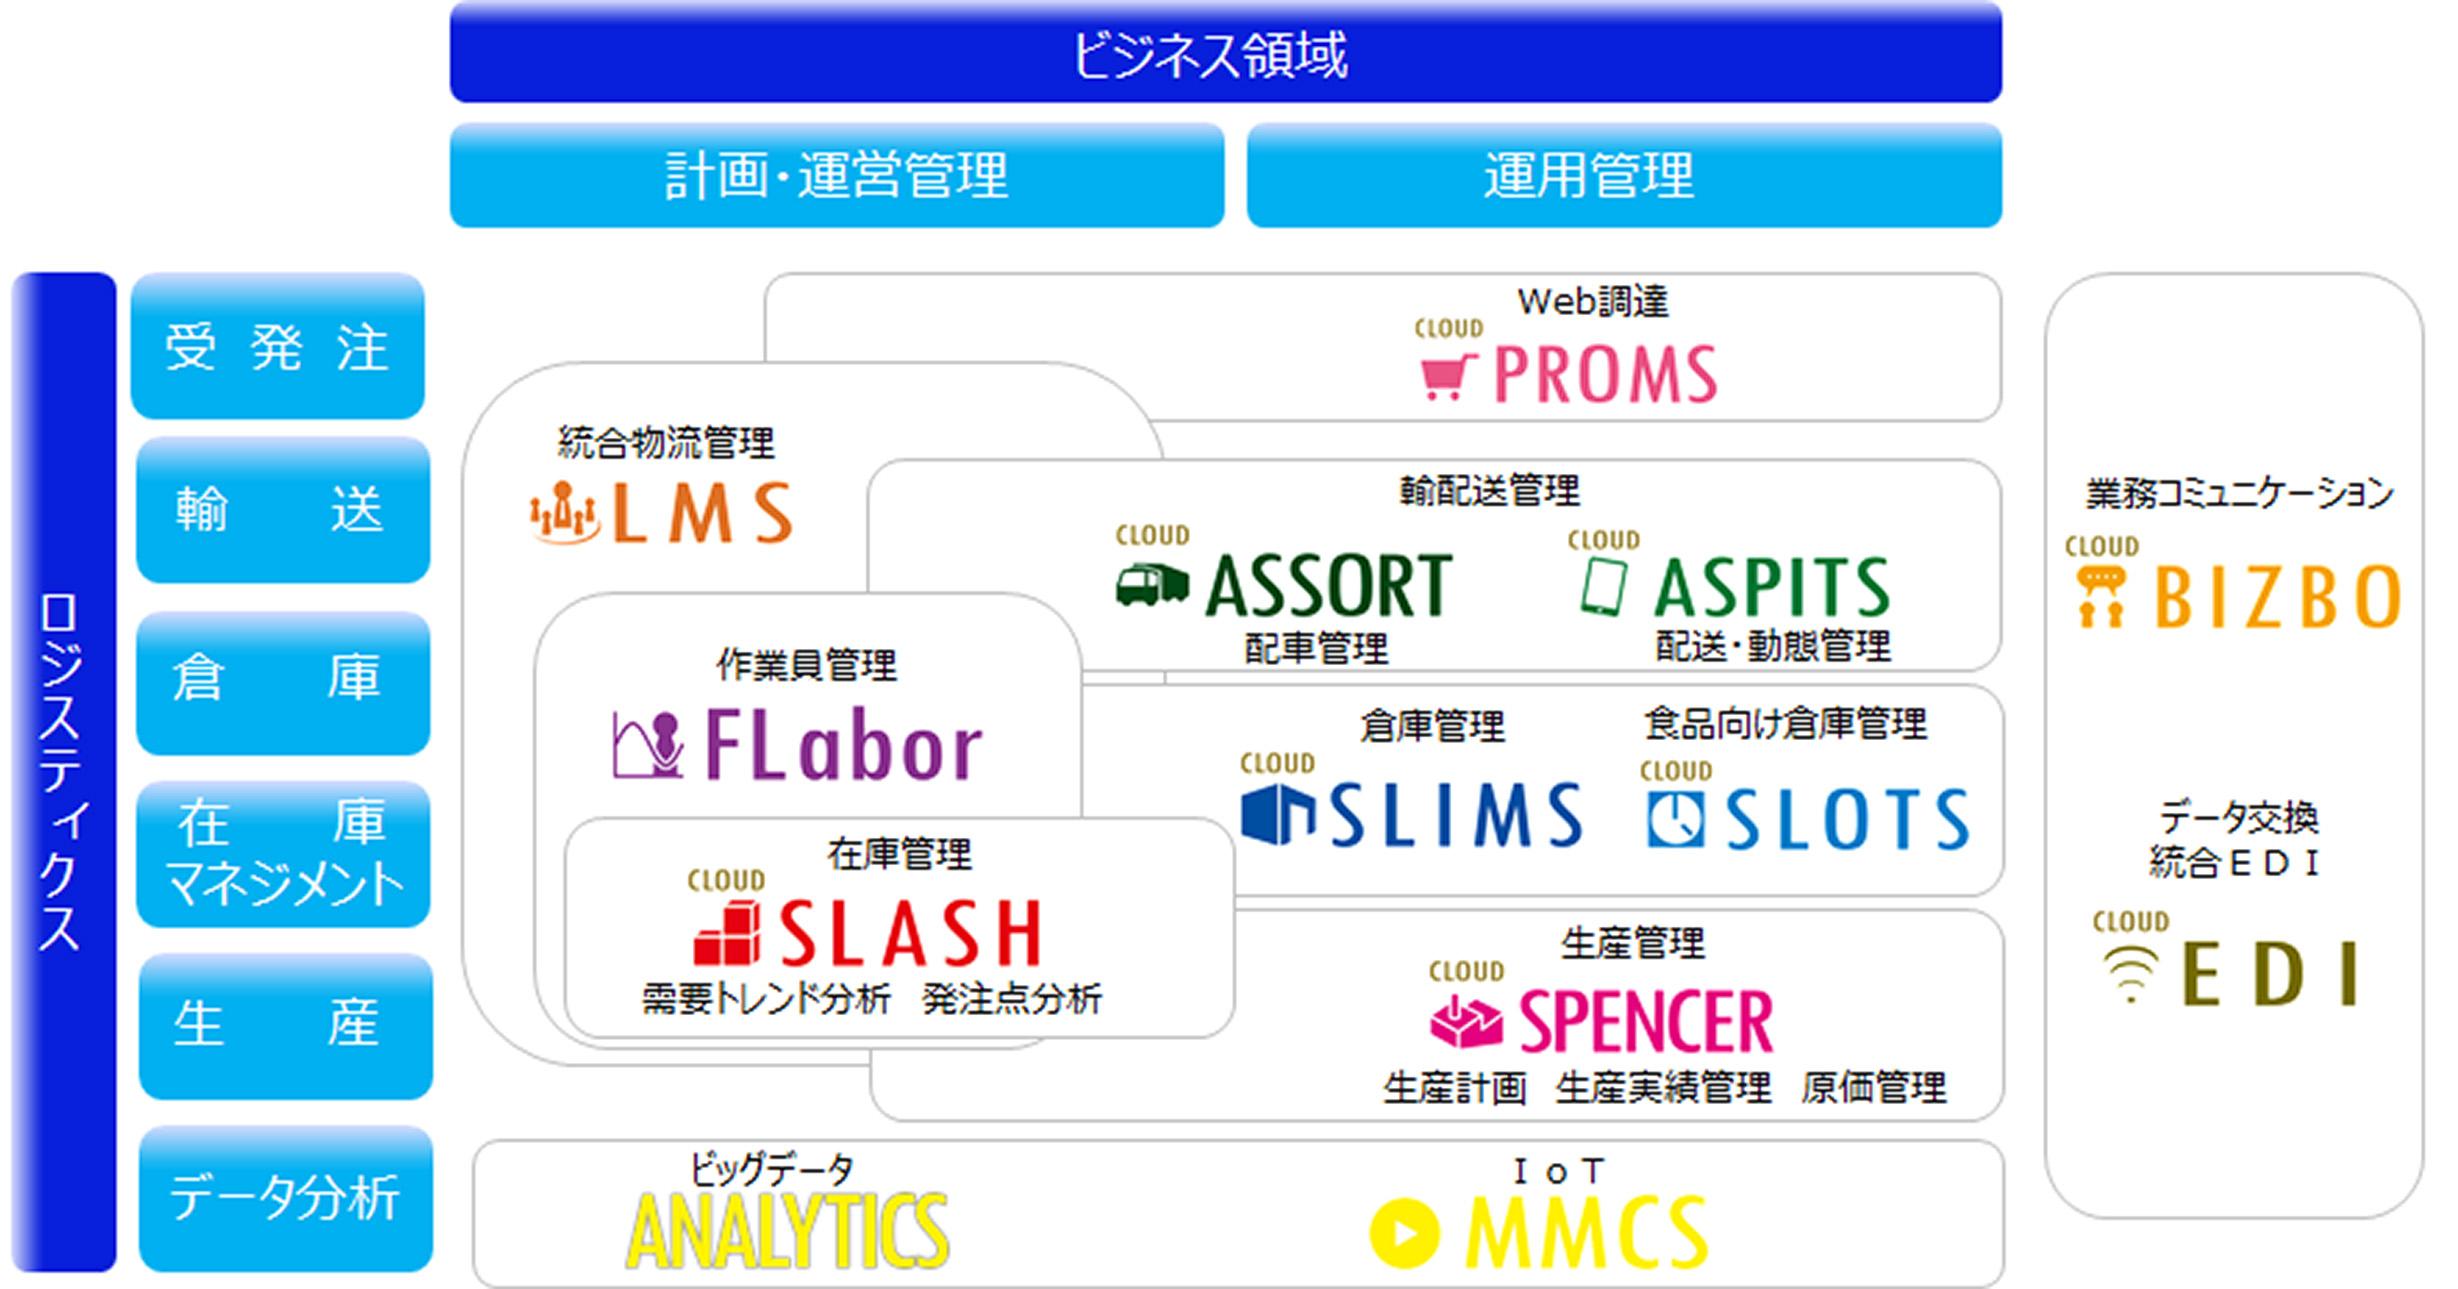 bpo_new_image6.jpg